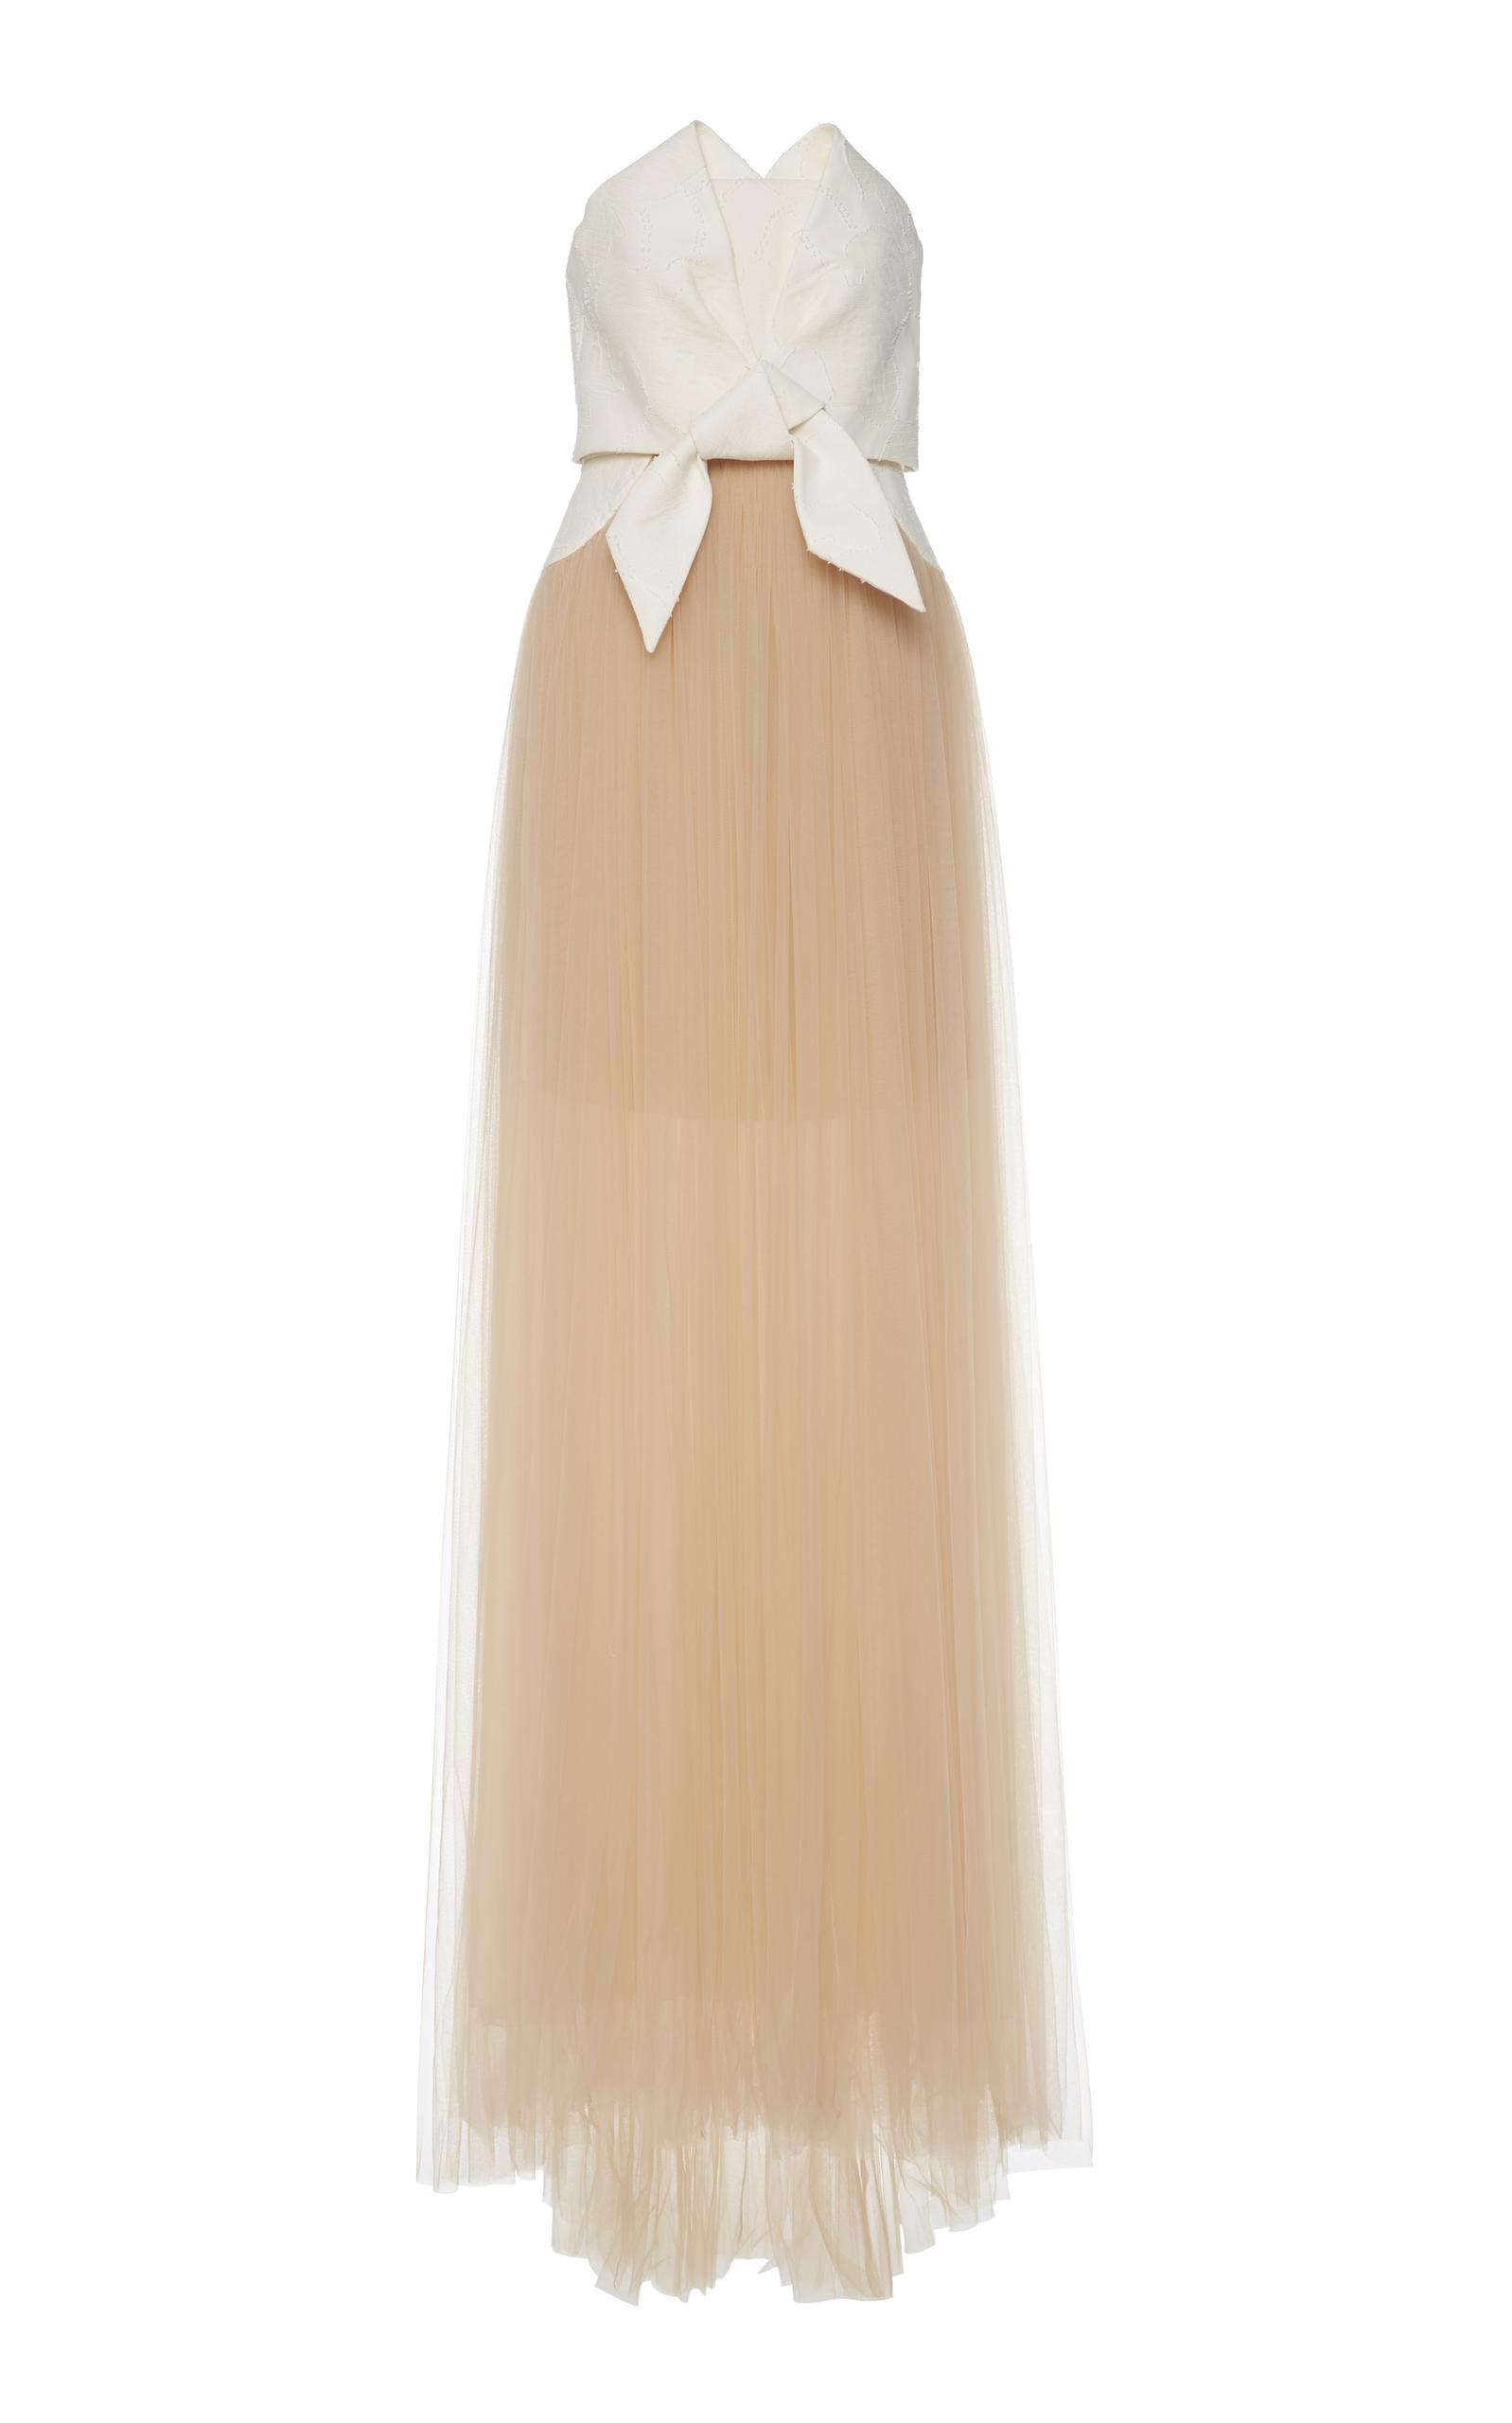 ce275a1c1c1 Tulle Fil Coupé Gown by DELPOZO